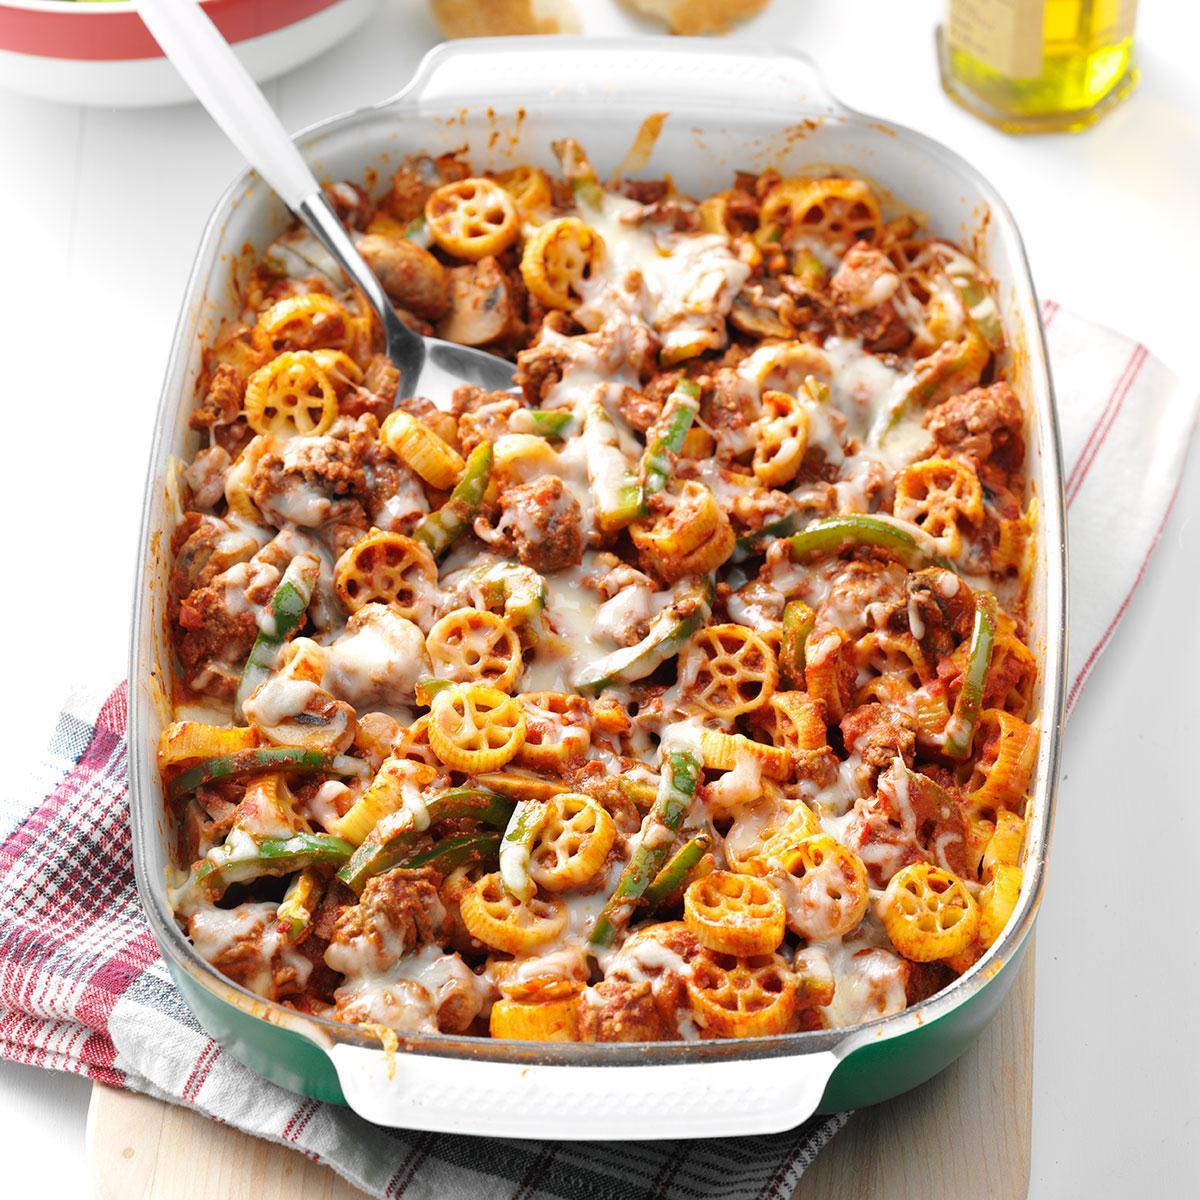 70 Saucy Creamy And Cheesy Italian Christmas Food Recipes: Wagon Wheel Casserole Recipe